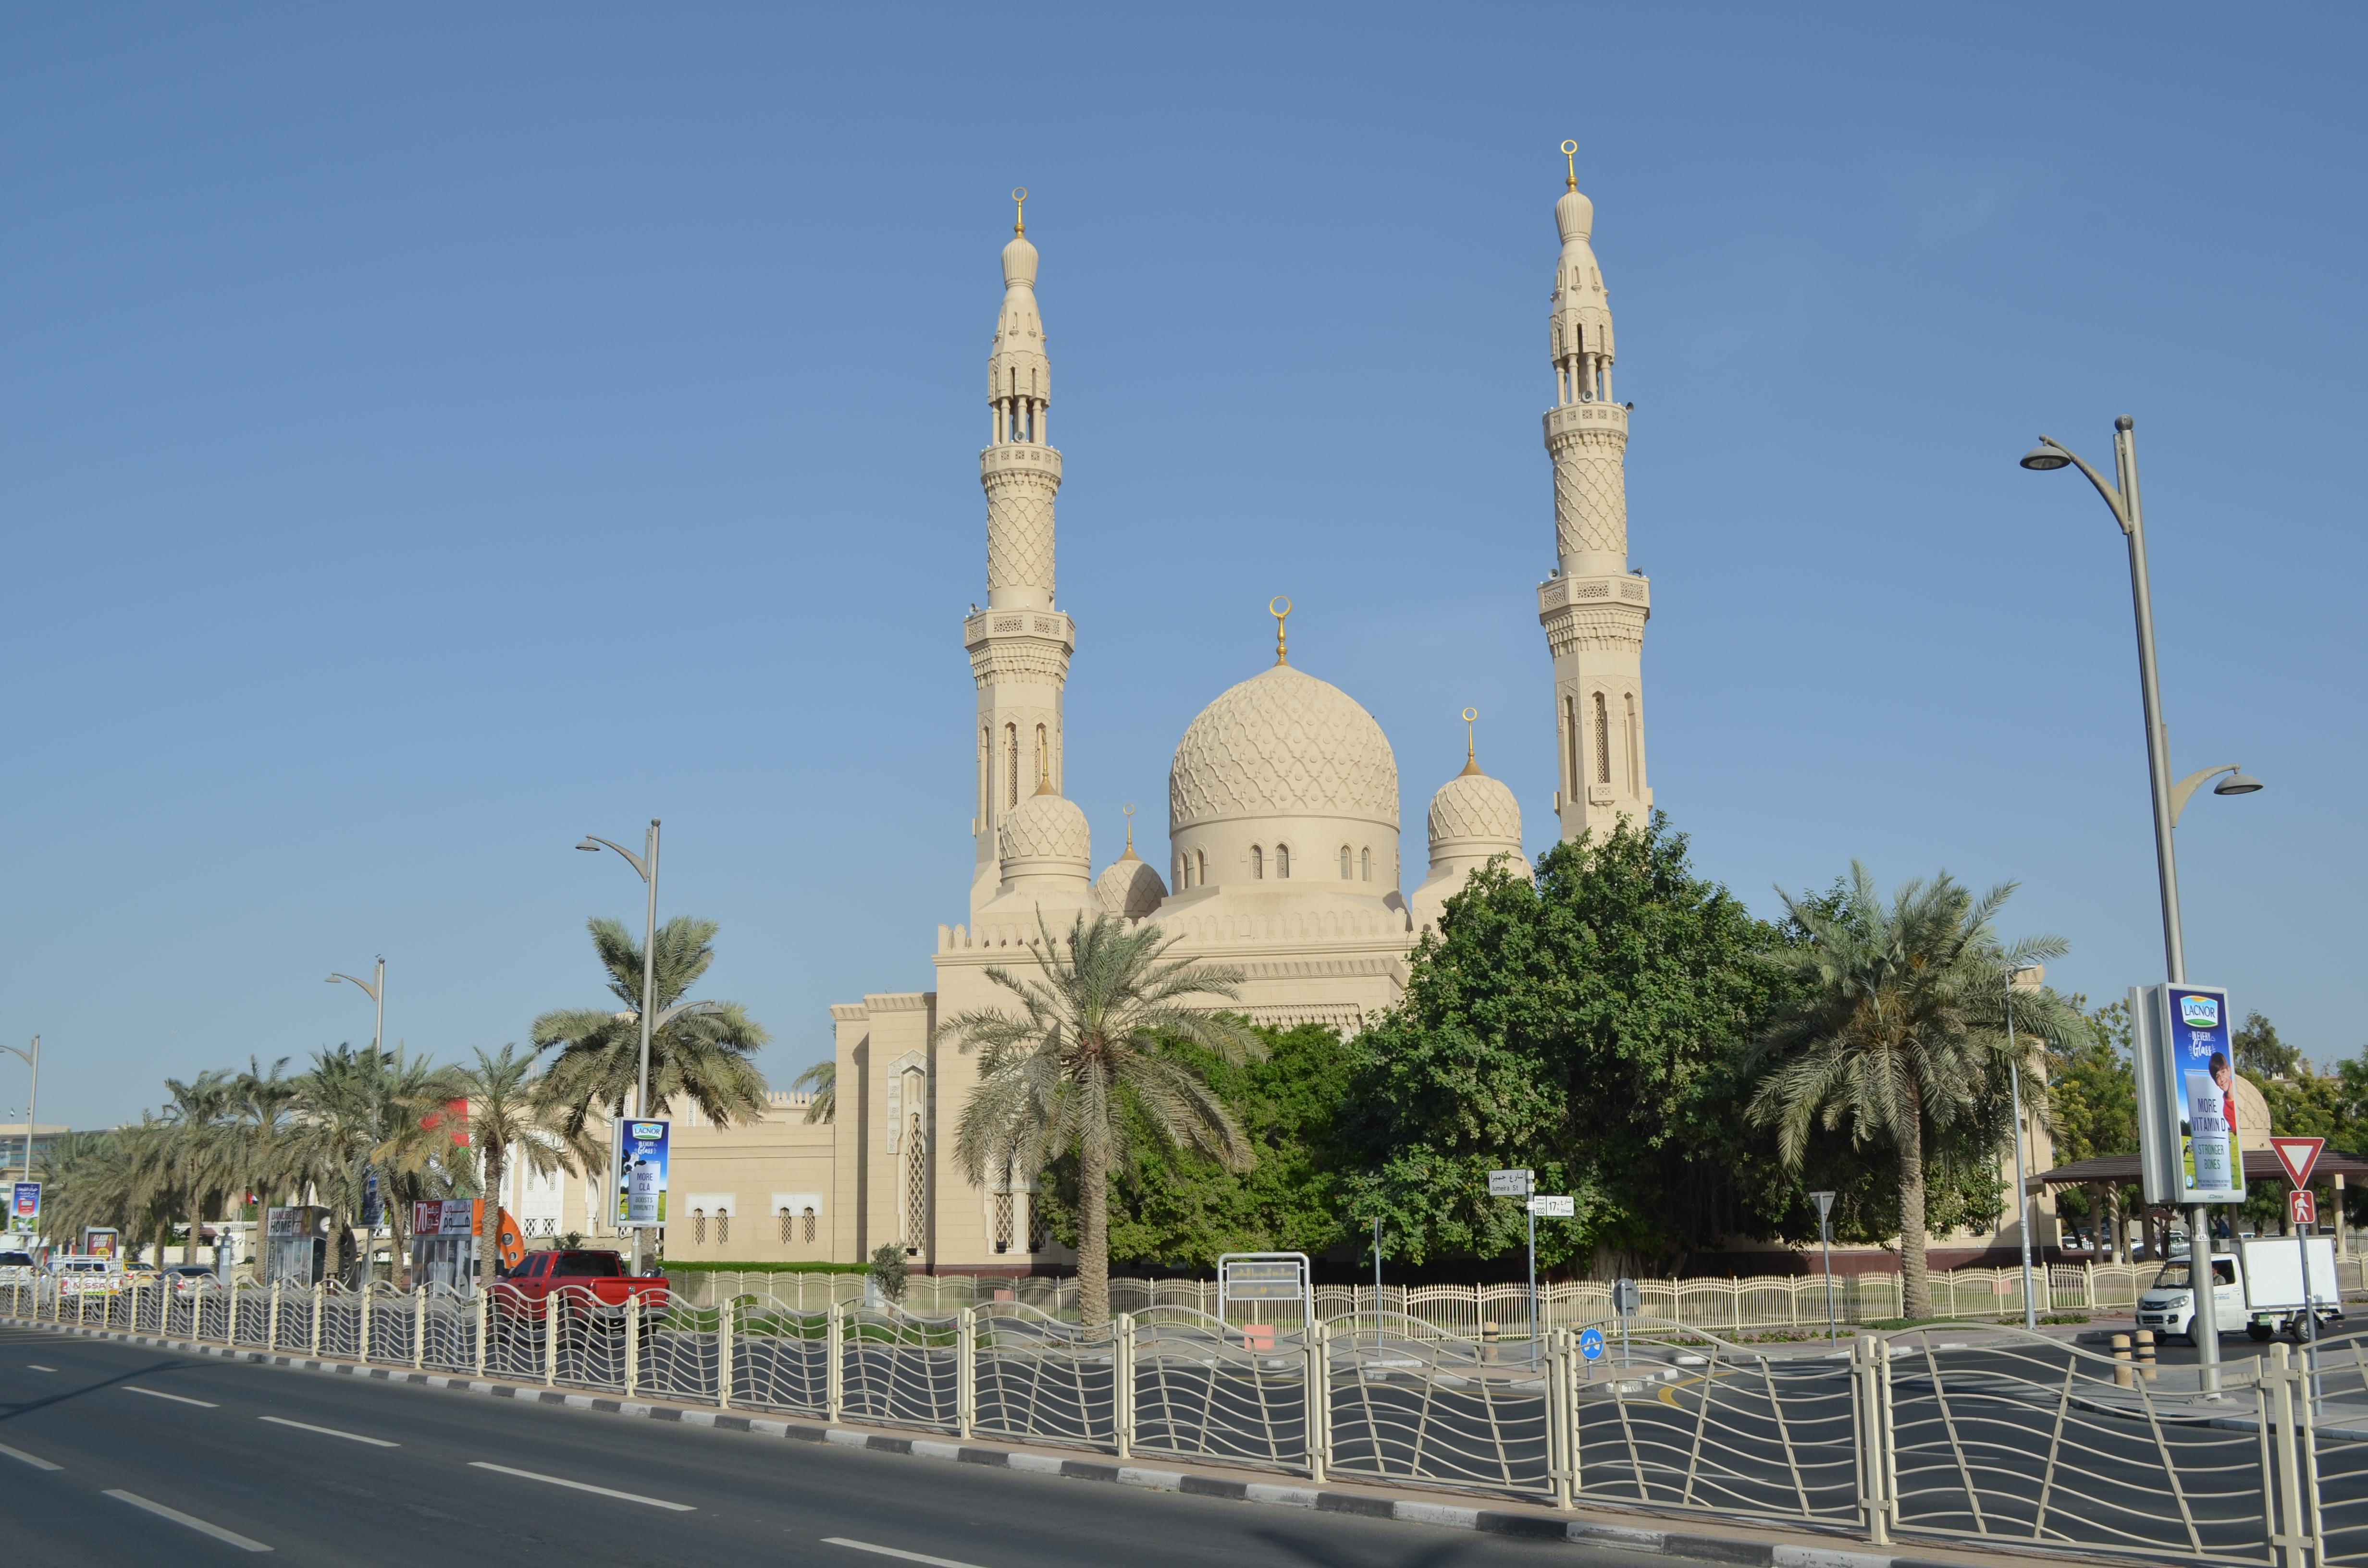 Reisetipps für Dubai: Die Jumeirah Moschee gilt das die schönste Moschee in ganz Dubai.